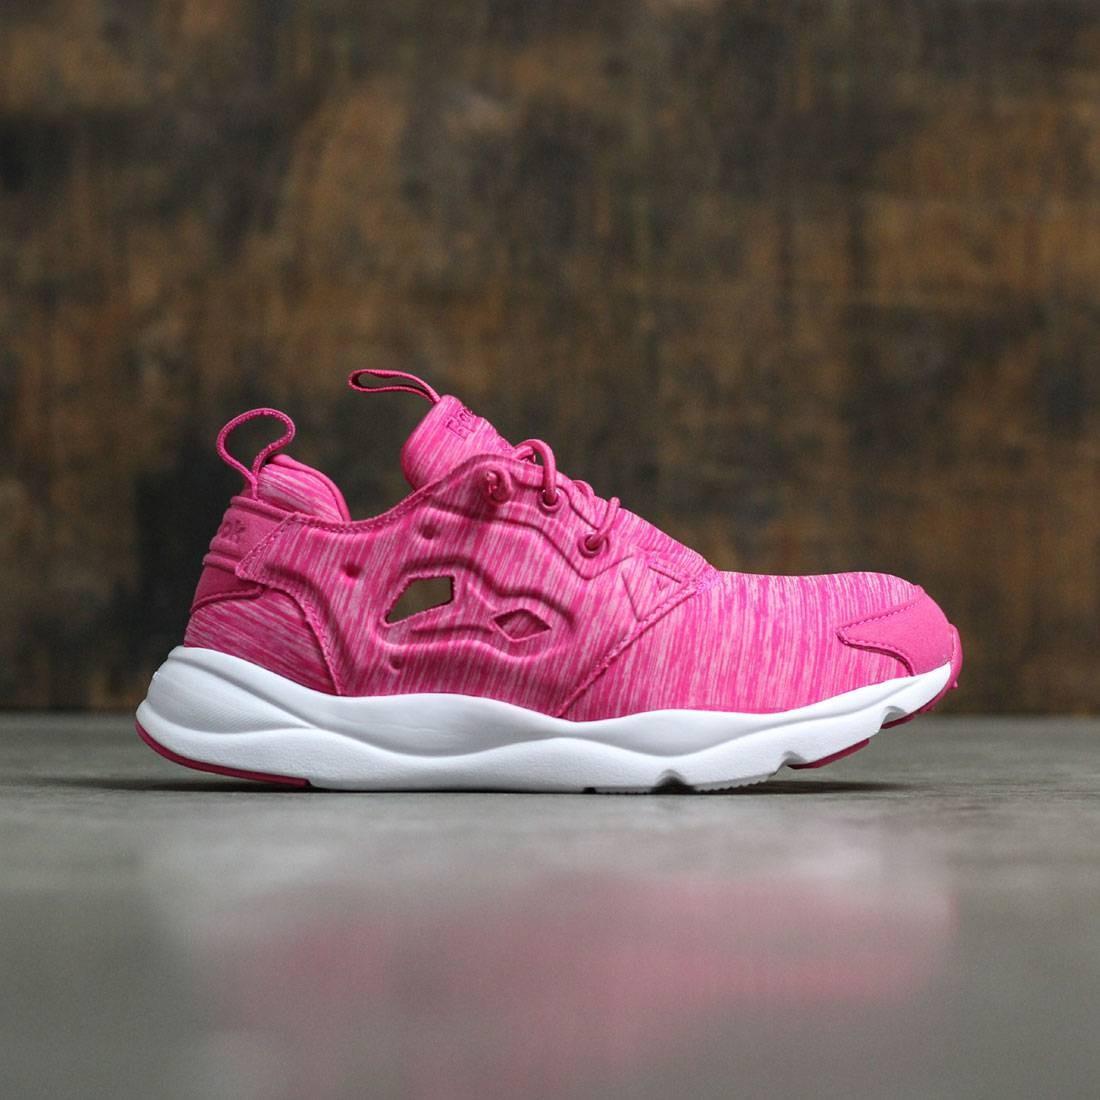 db7101d876c Reebok Women Furylite Jersey Pack pink rose rage white